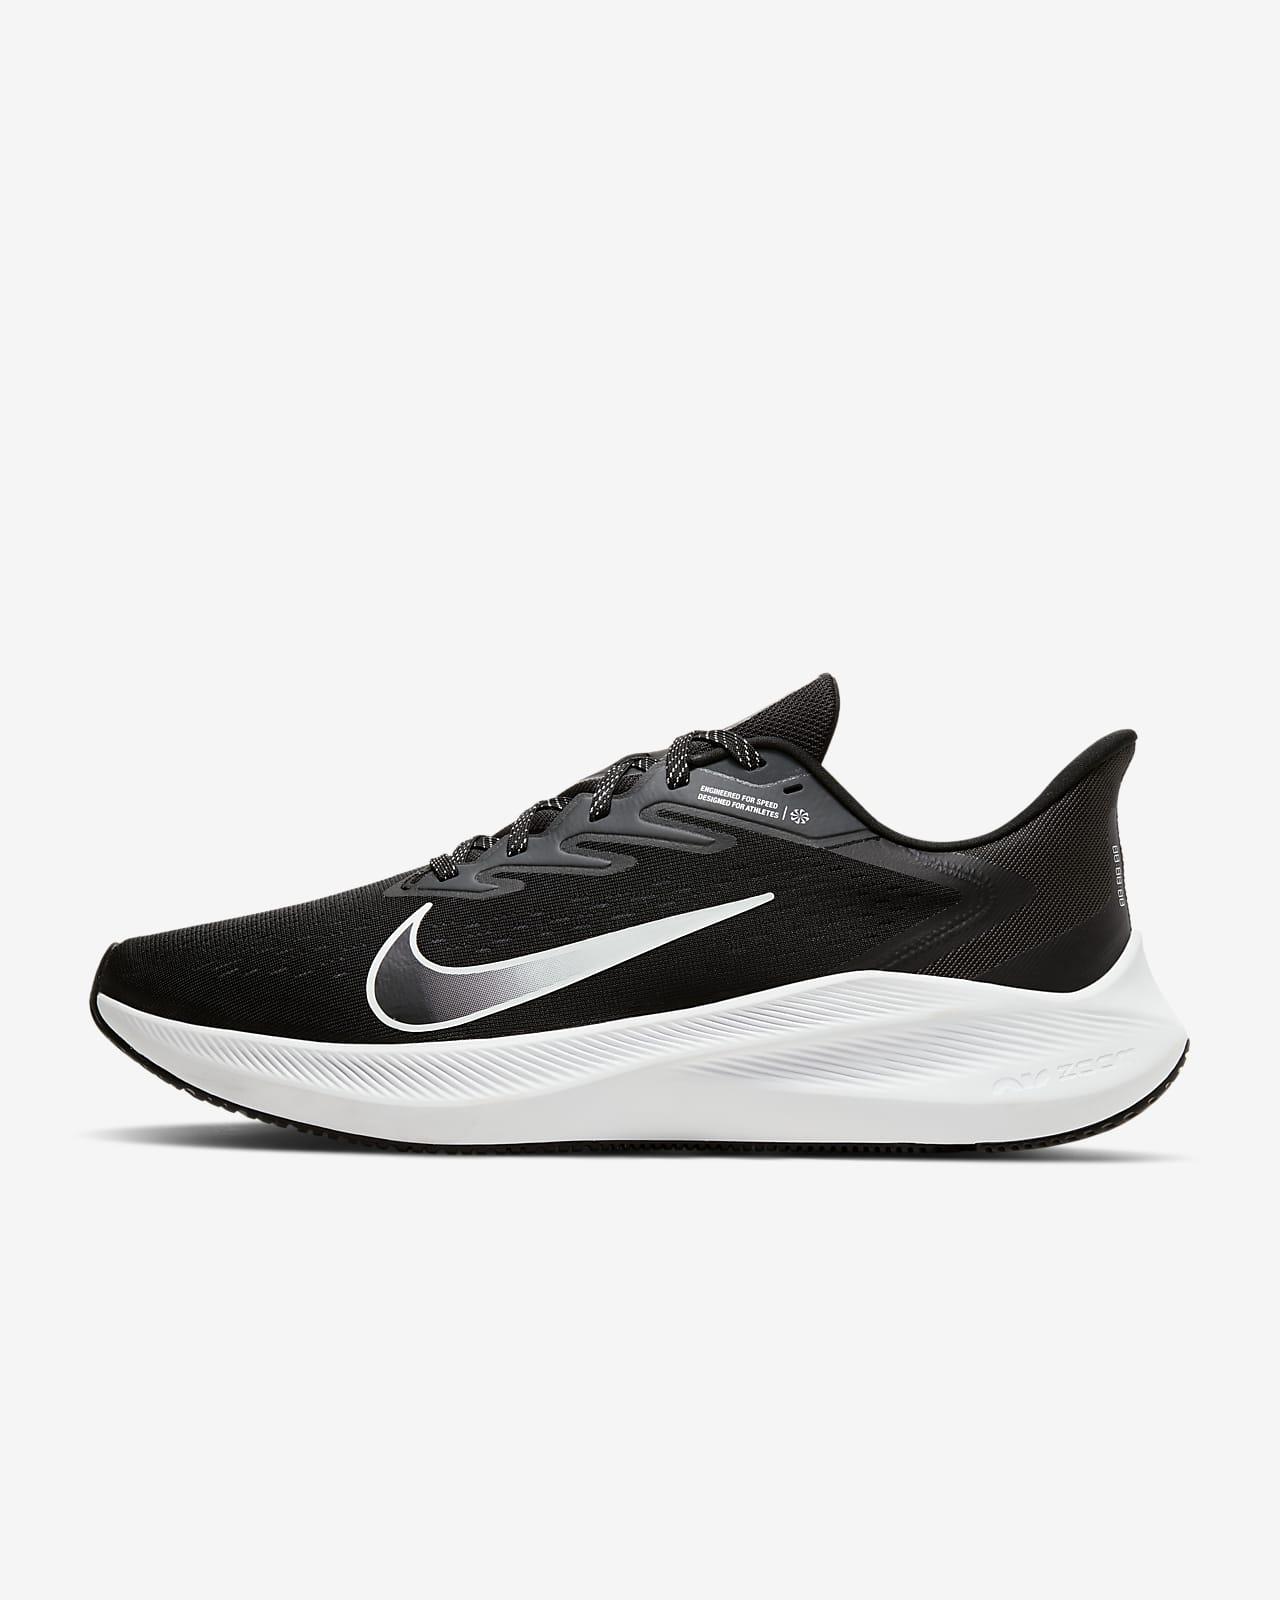 Nike Air Zoom Winflo 7 Erkek Koşu Ayakkabısı